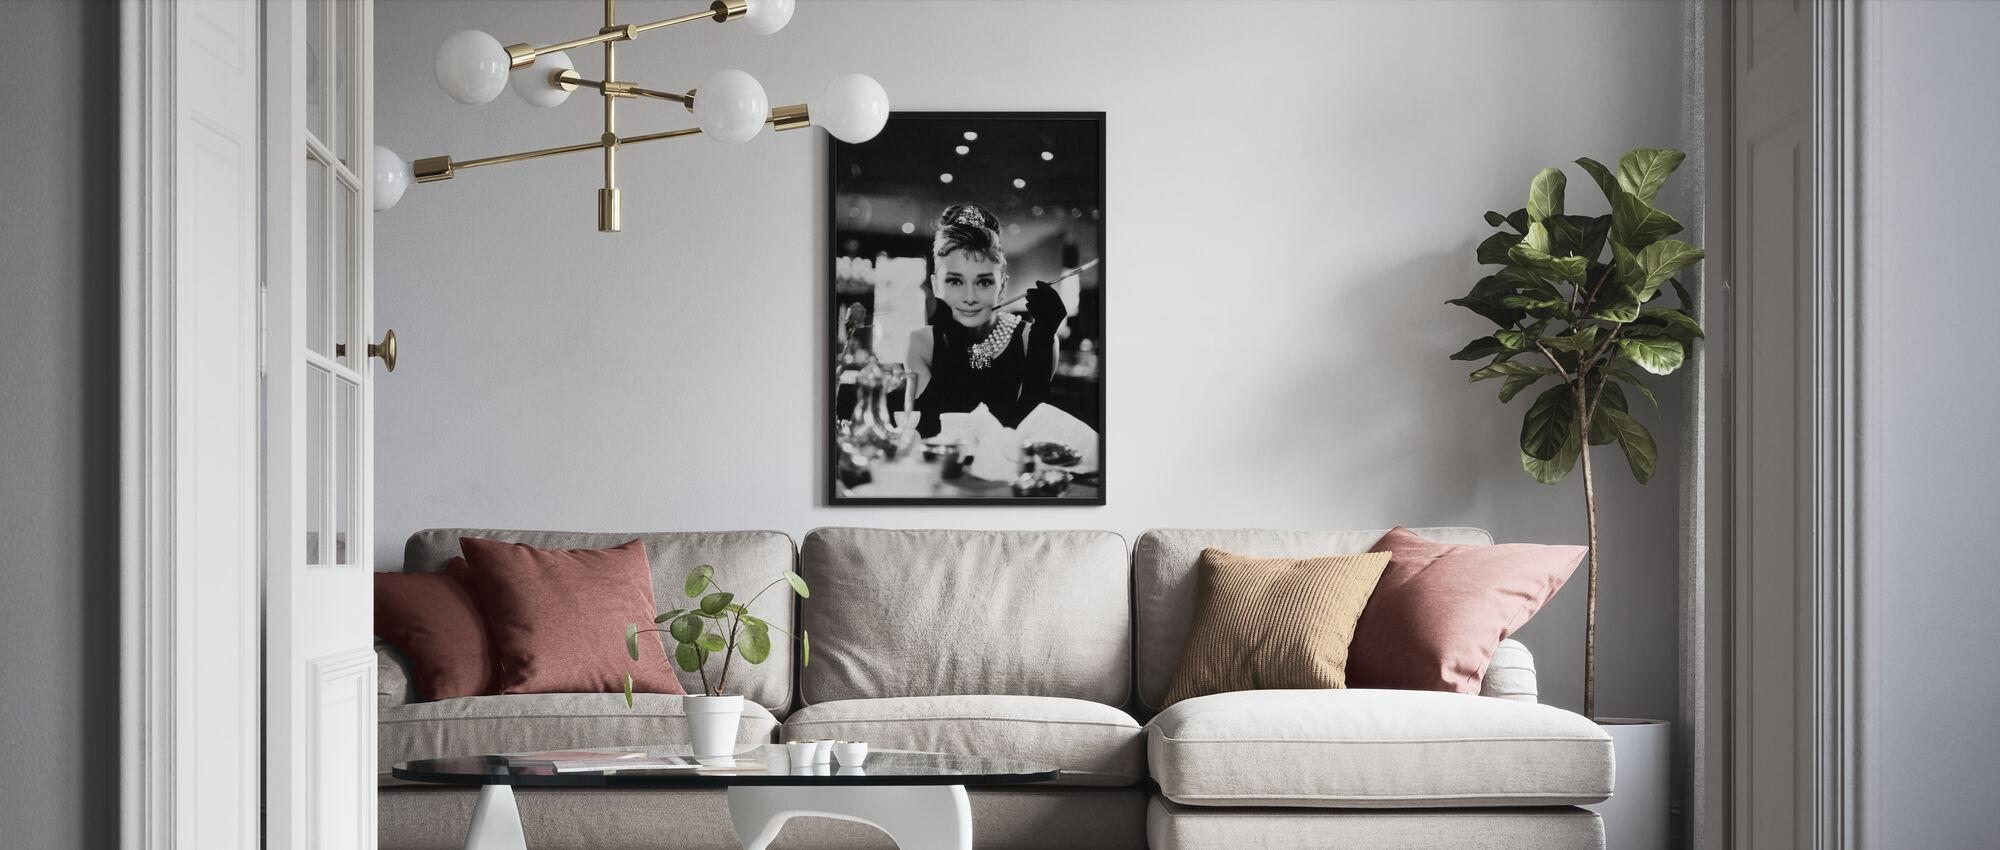 Audrey Hepburn in Breakfast at Tiffanys - Framed print - Living Room